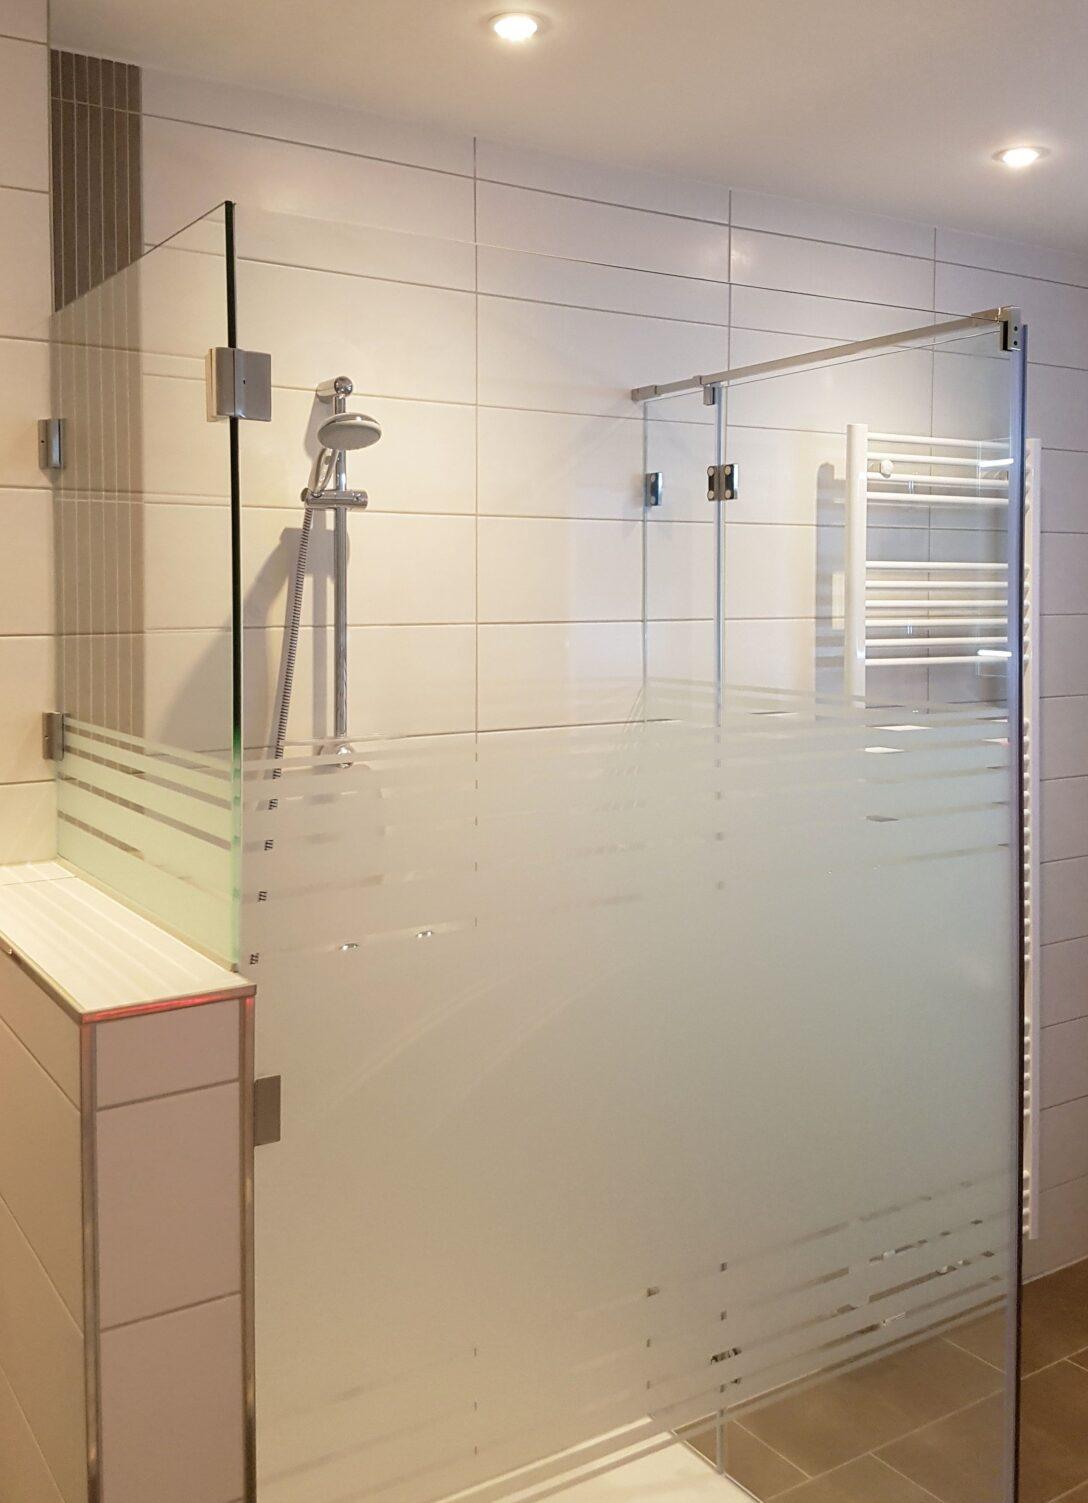 Large Size of Glaswand Dusche Aus Glas Mit Satiniertem Glasmuster Und Verkrztem Bodengleiche Duschen Begehbare Fliesen Eckeinstieg Siphon Moderne Walkin Thermostat 90x90 Dusche Glaswand Dusche